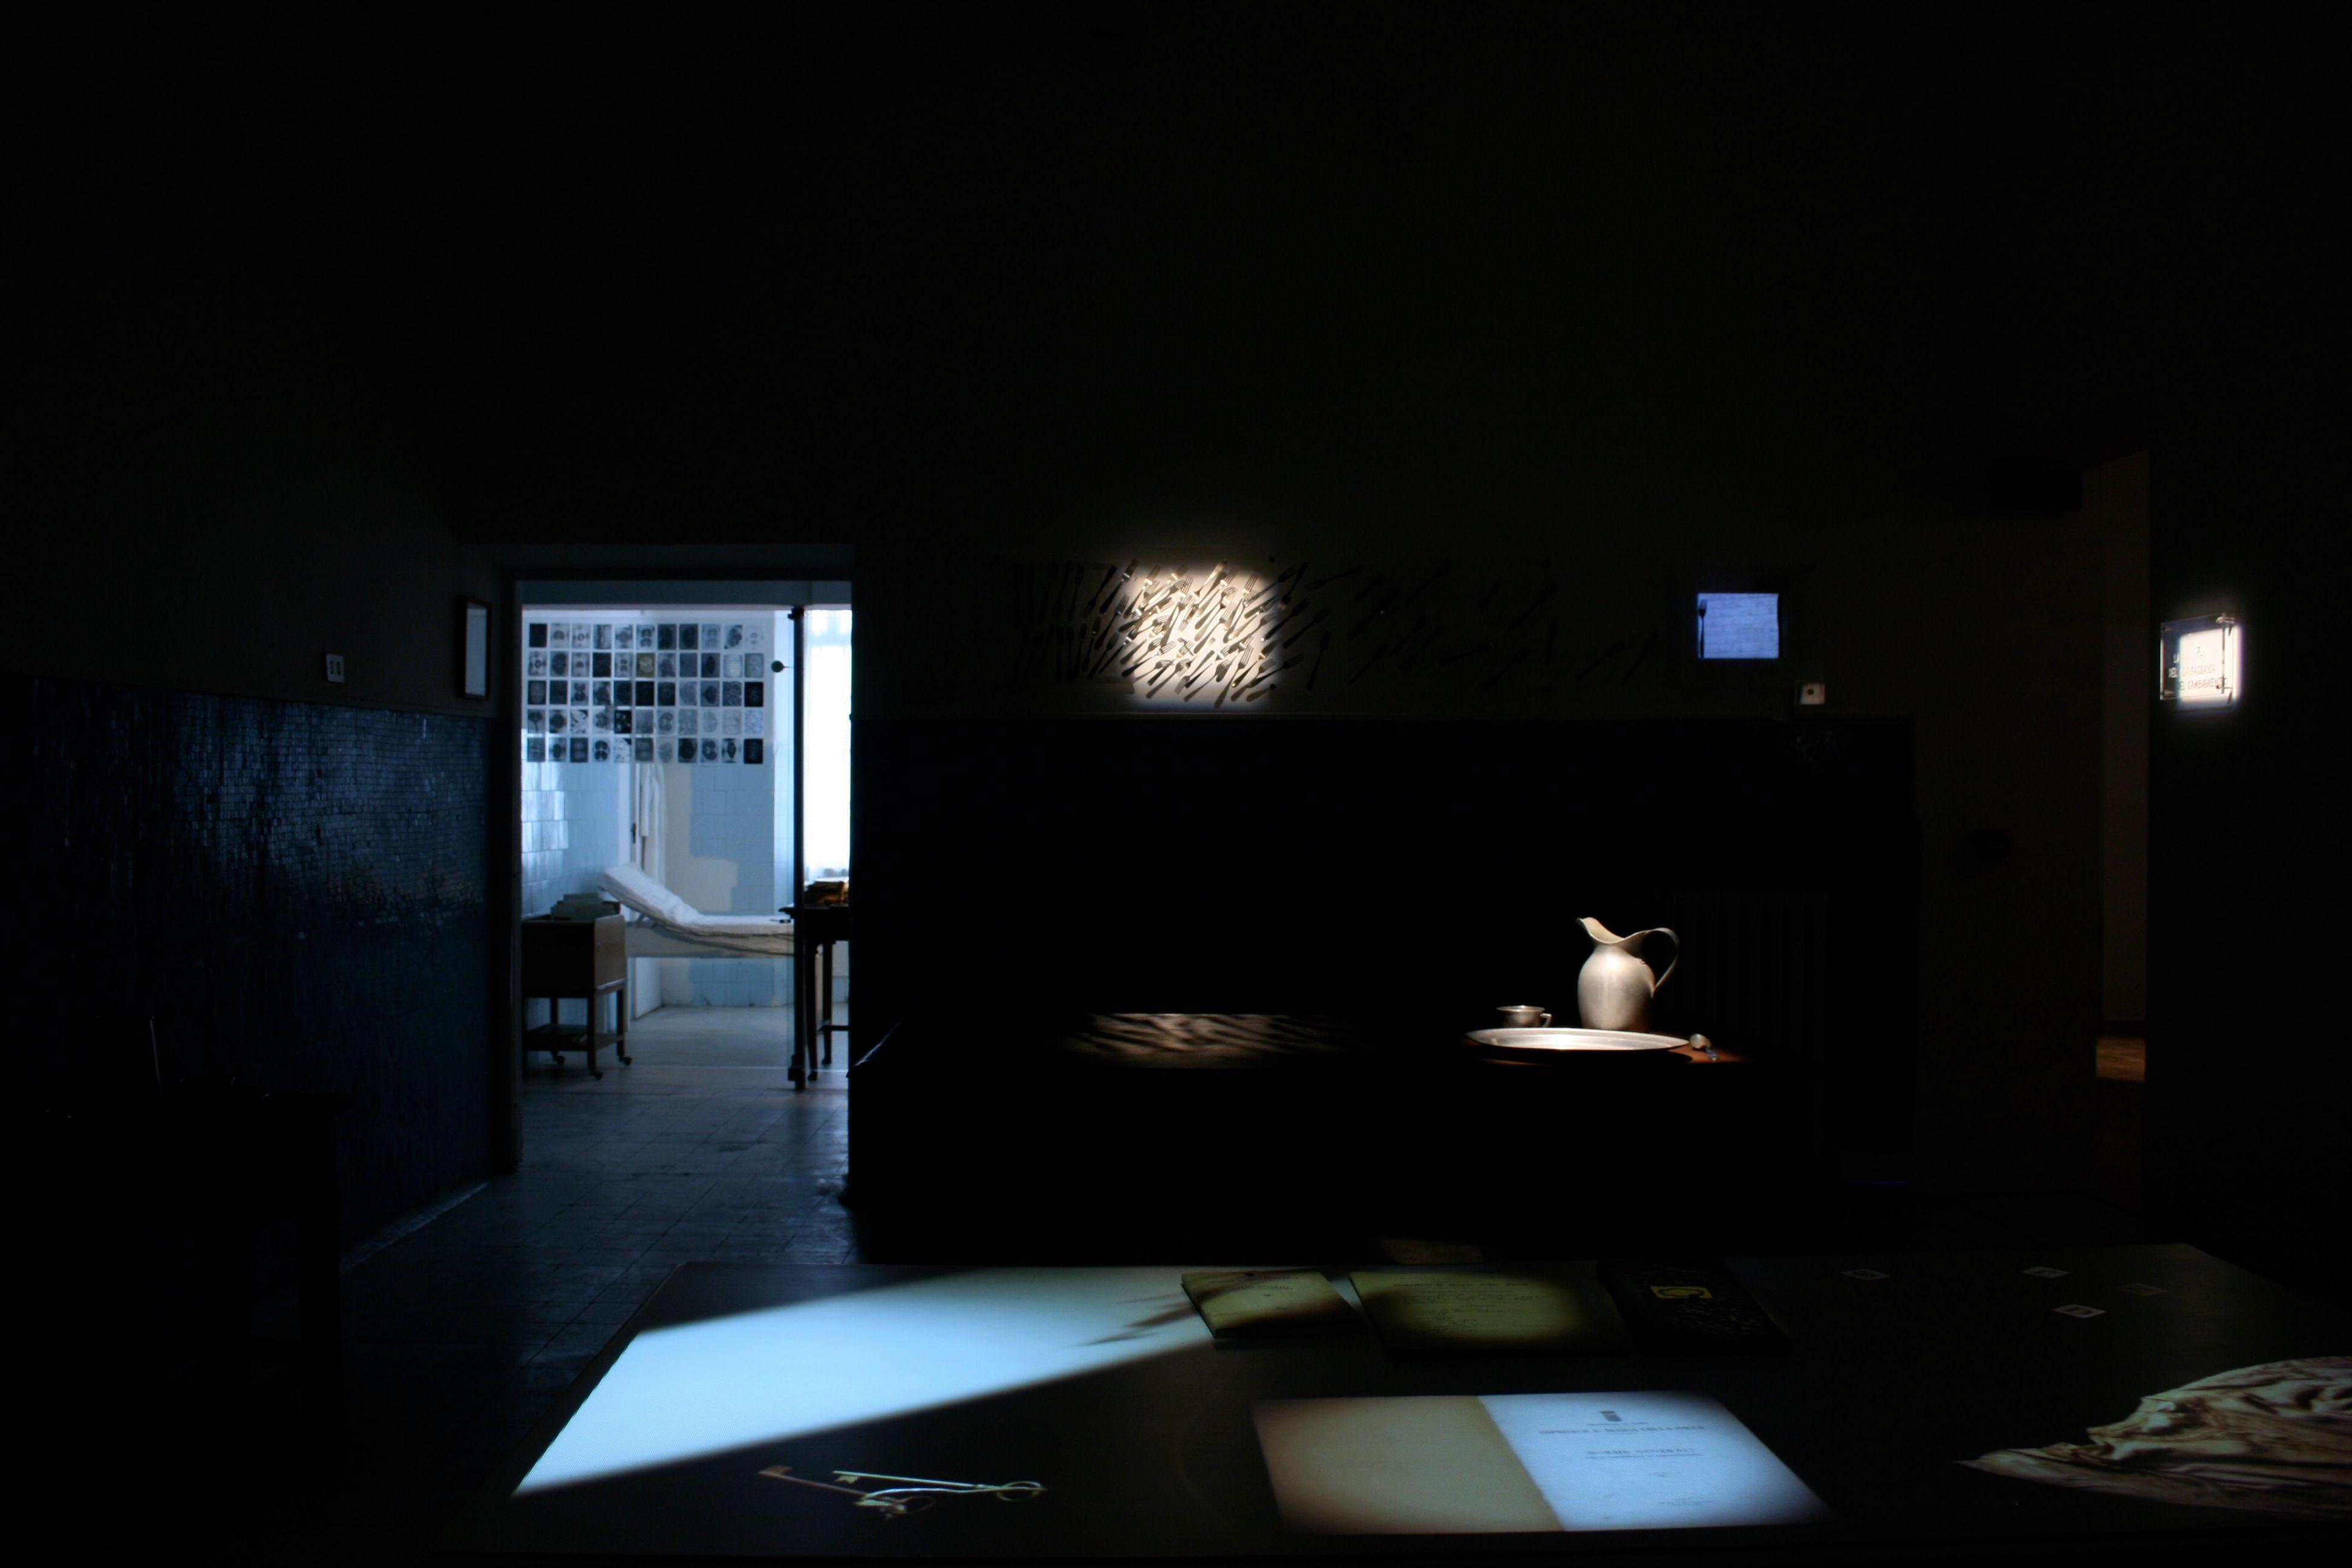 Interazioni hi tech studio azzurro al museo laboratorio della mente